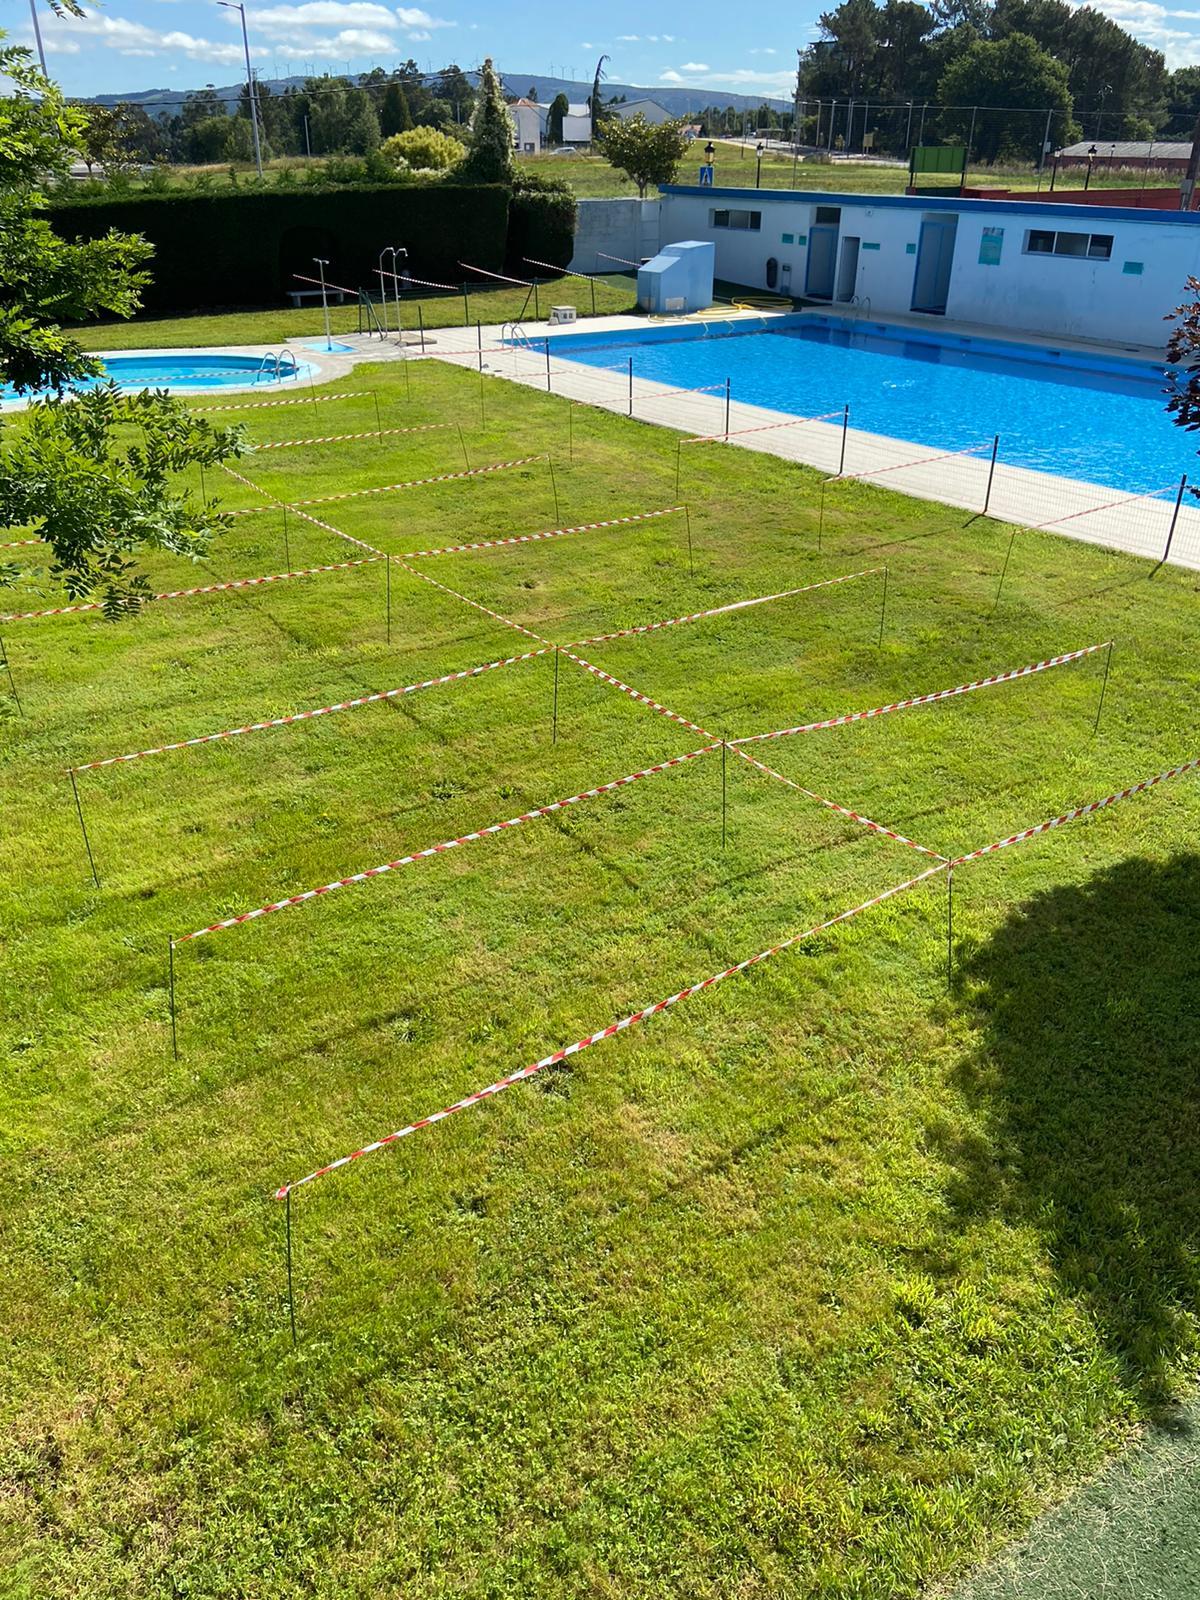 O Concello de Silleda abre mañá as piscinas municipais e o Mosteiro de Carboeiro